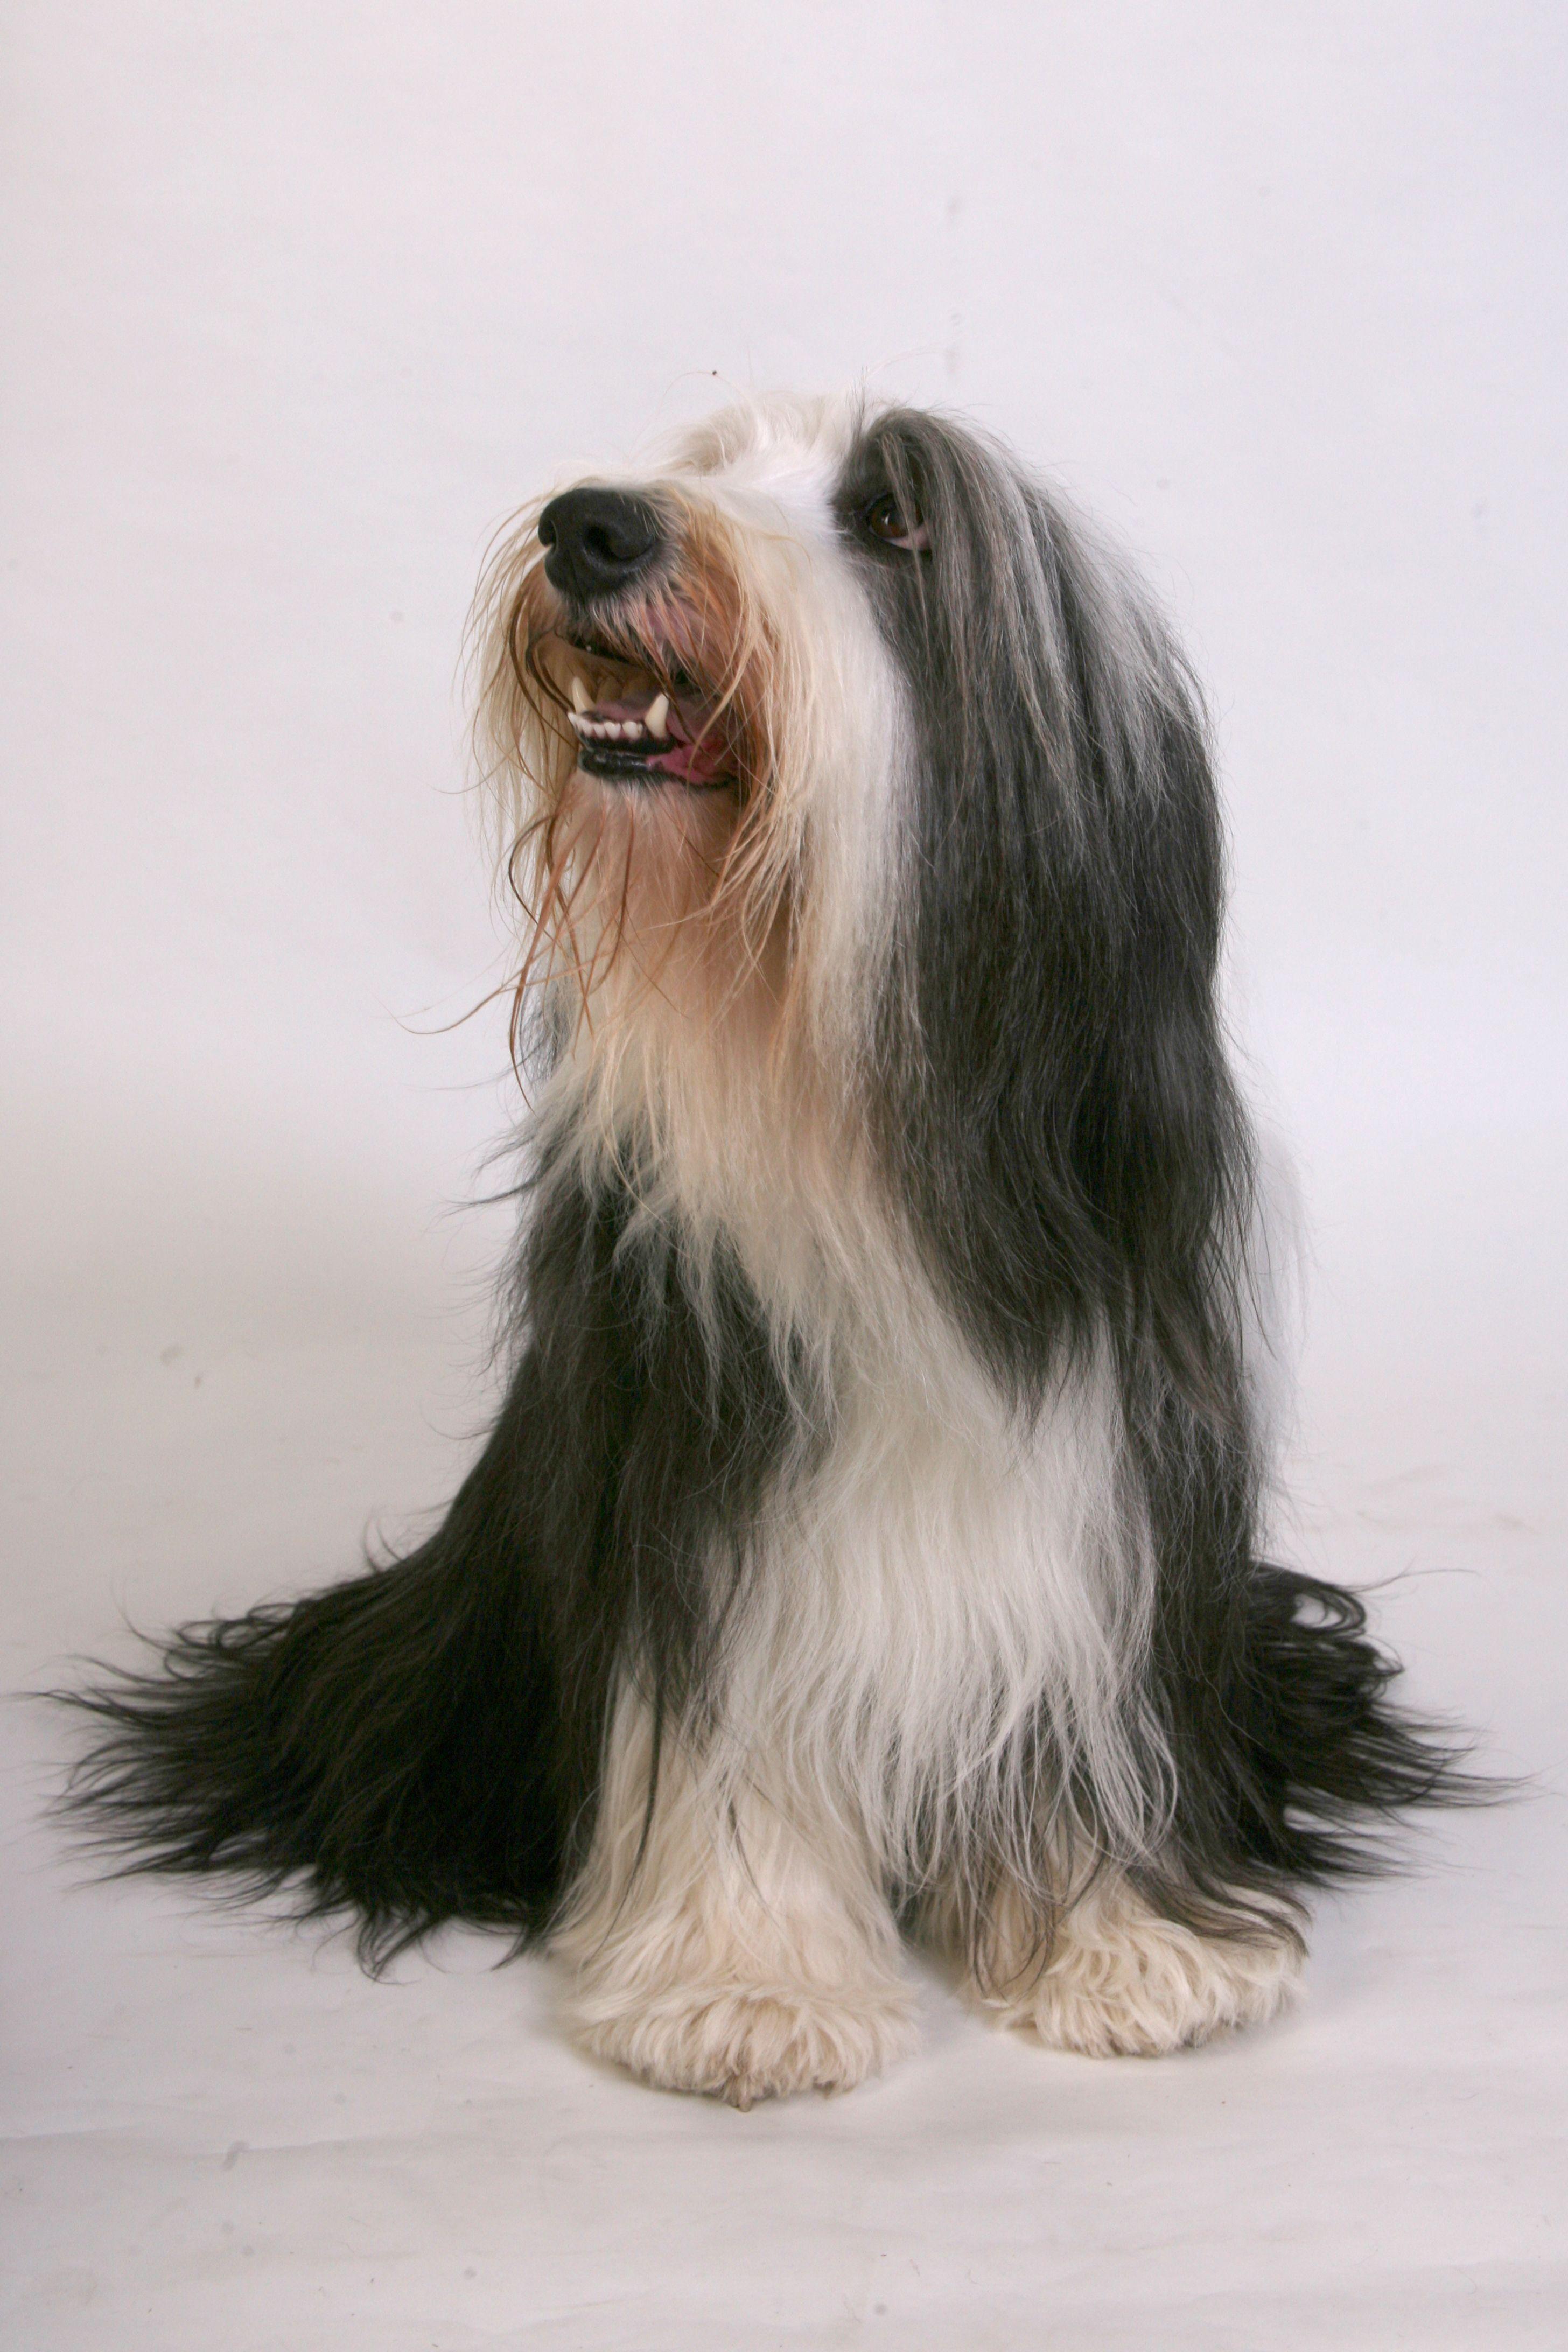 A Bearded Collie Śmieszne psy, Psy i Śmieszne